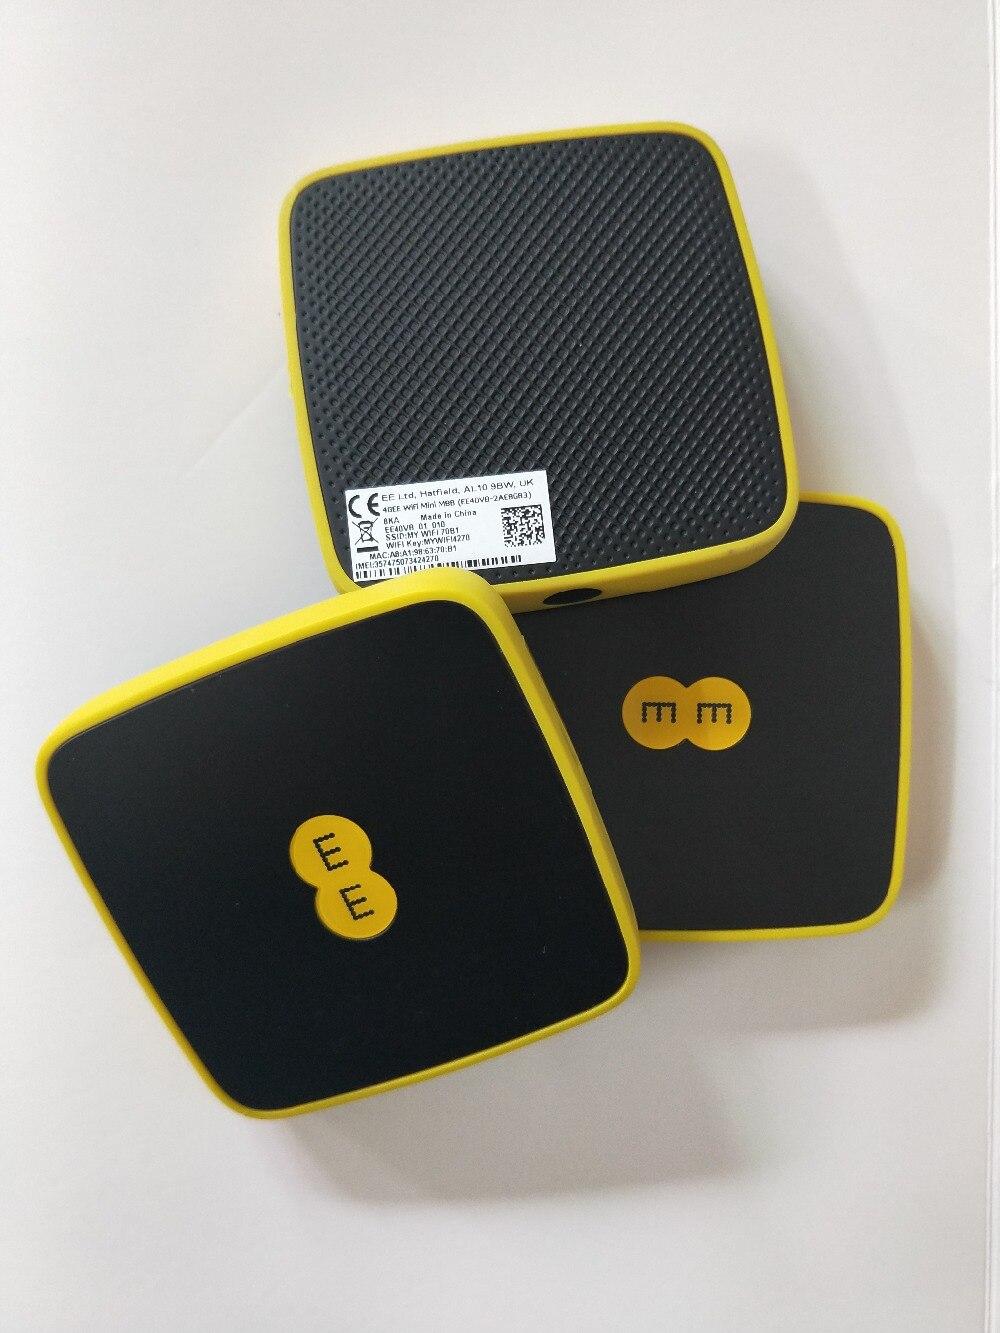 Микро USB 4G LTE Карманный WIfi беспроводной маршрутизатор со встроенной антенной